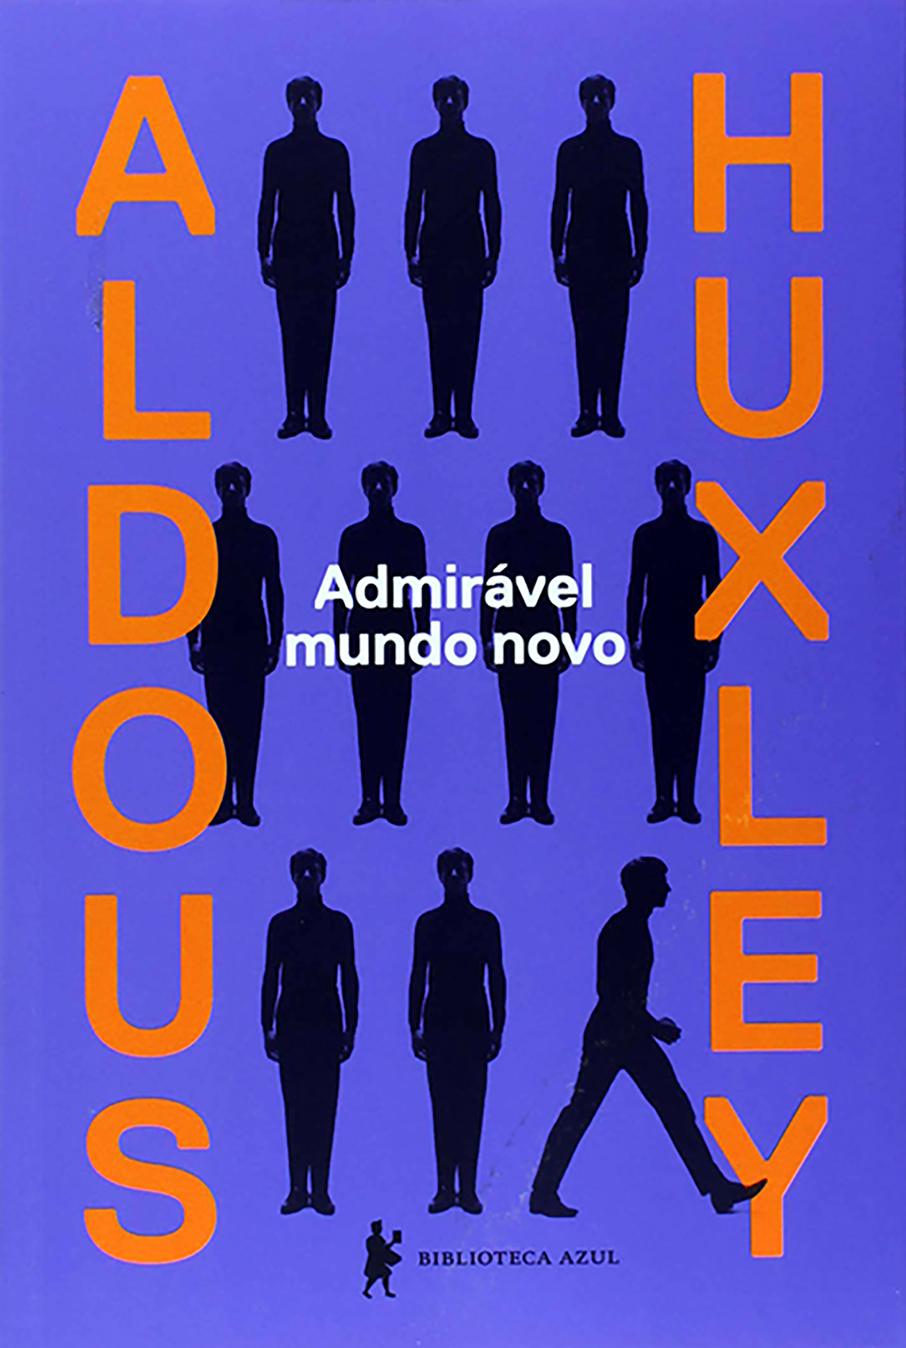 Resumo do livro Admirável Mundo Novo